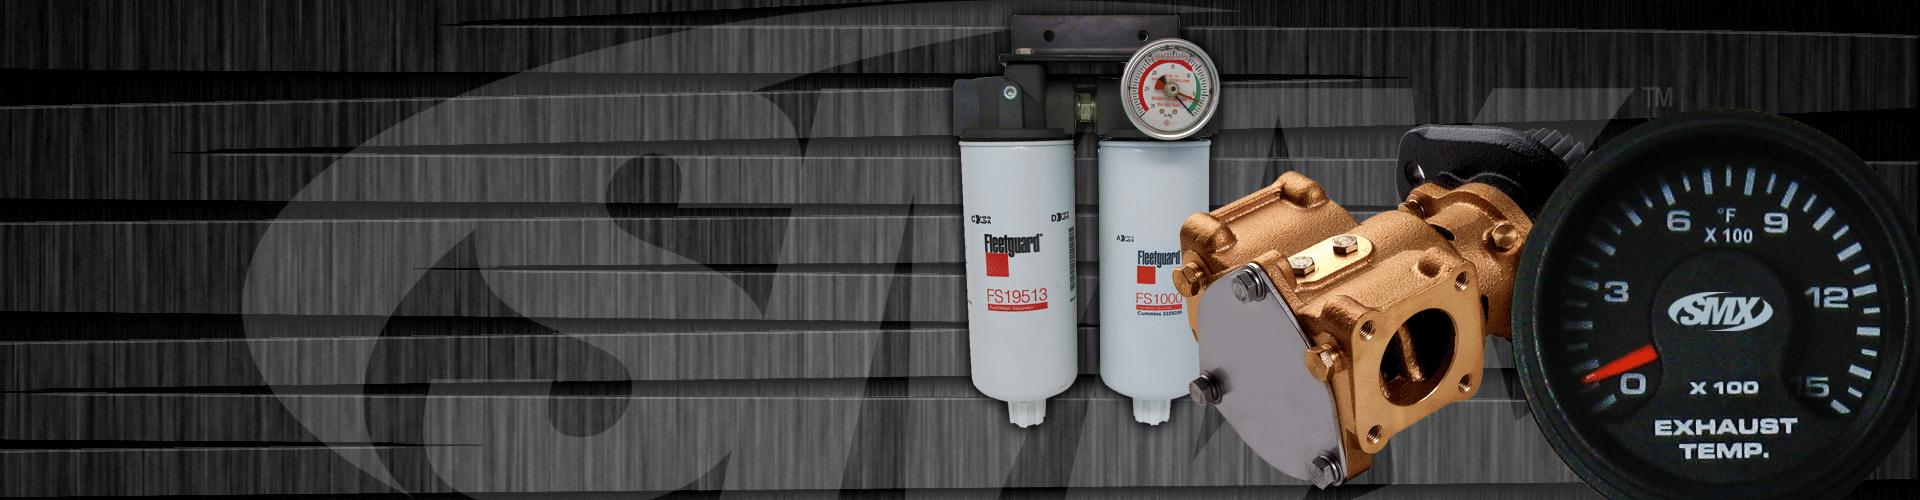 Cummins Marine Diesel Repower Specialists